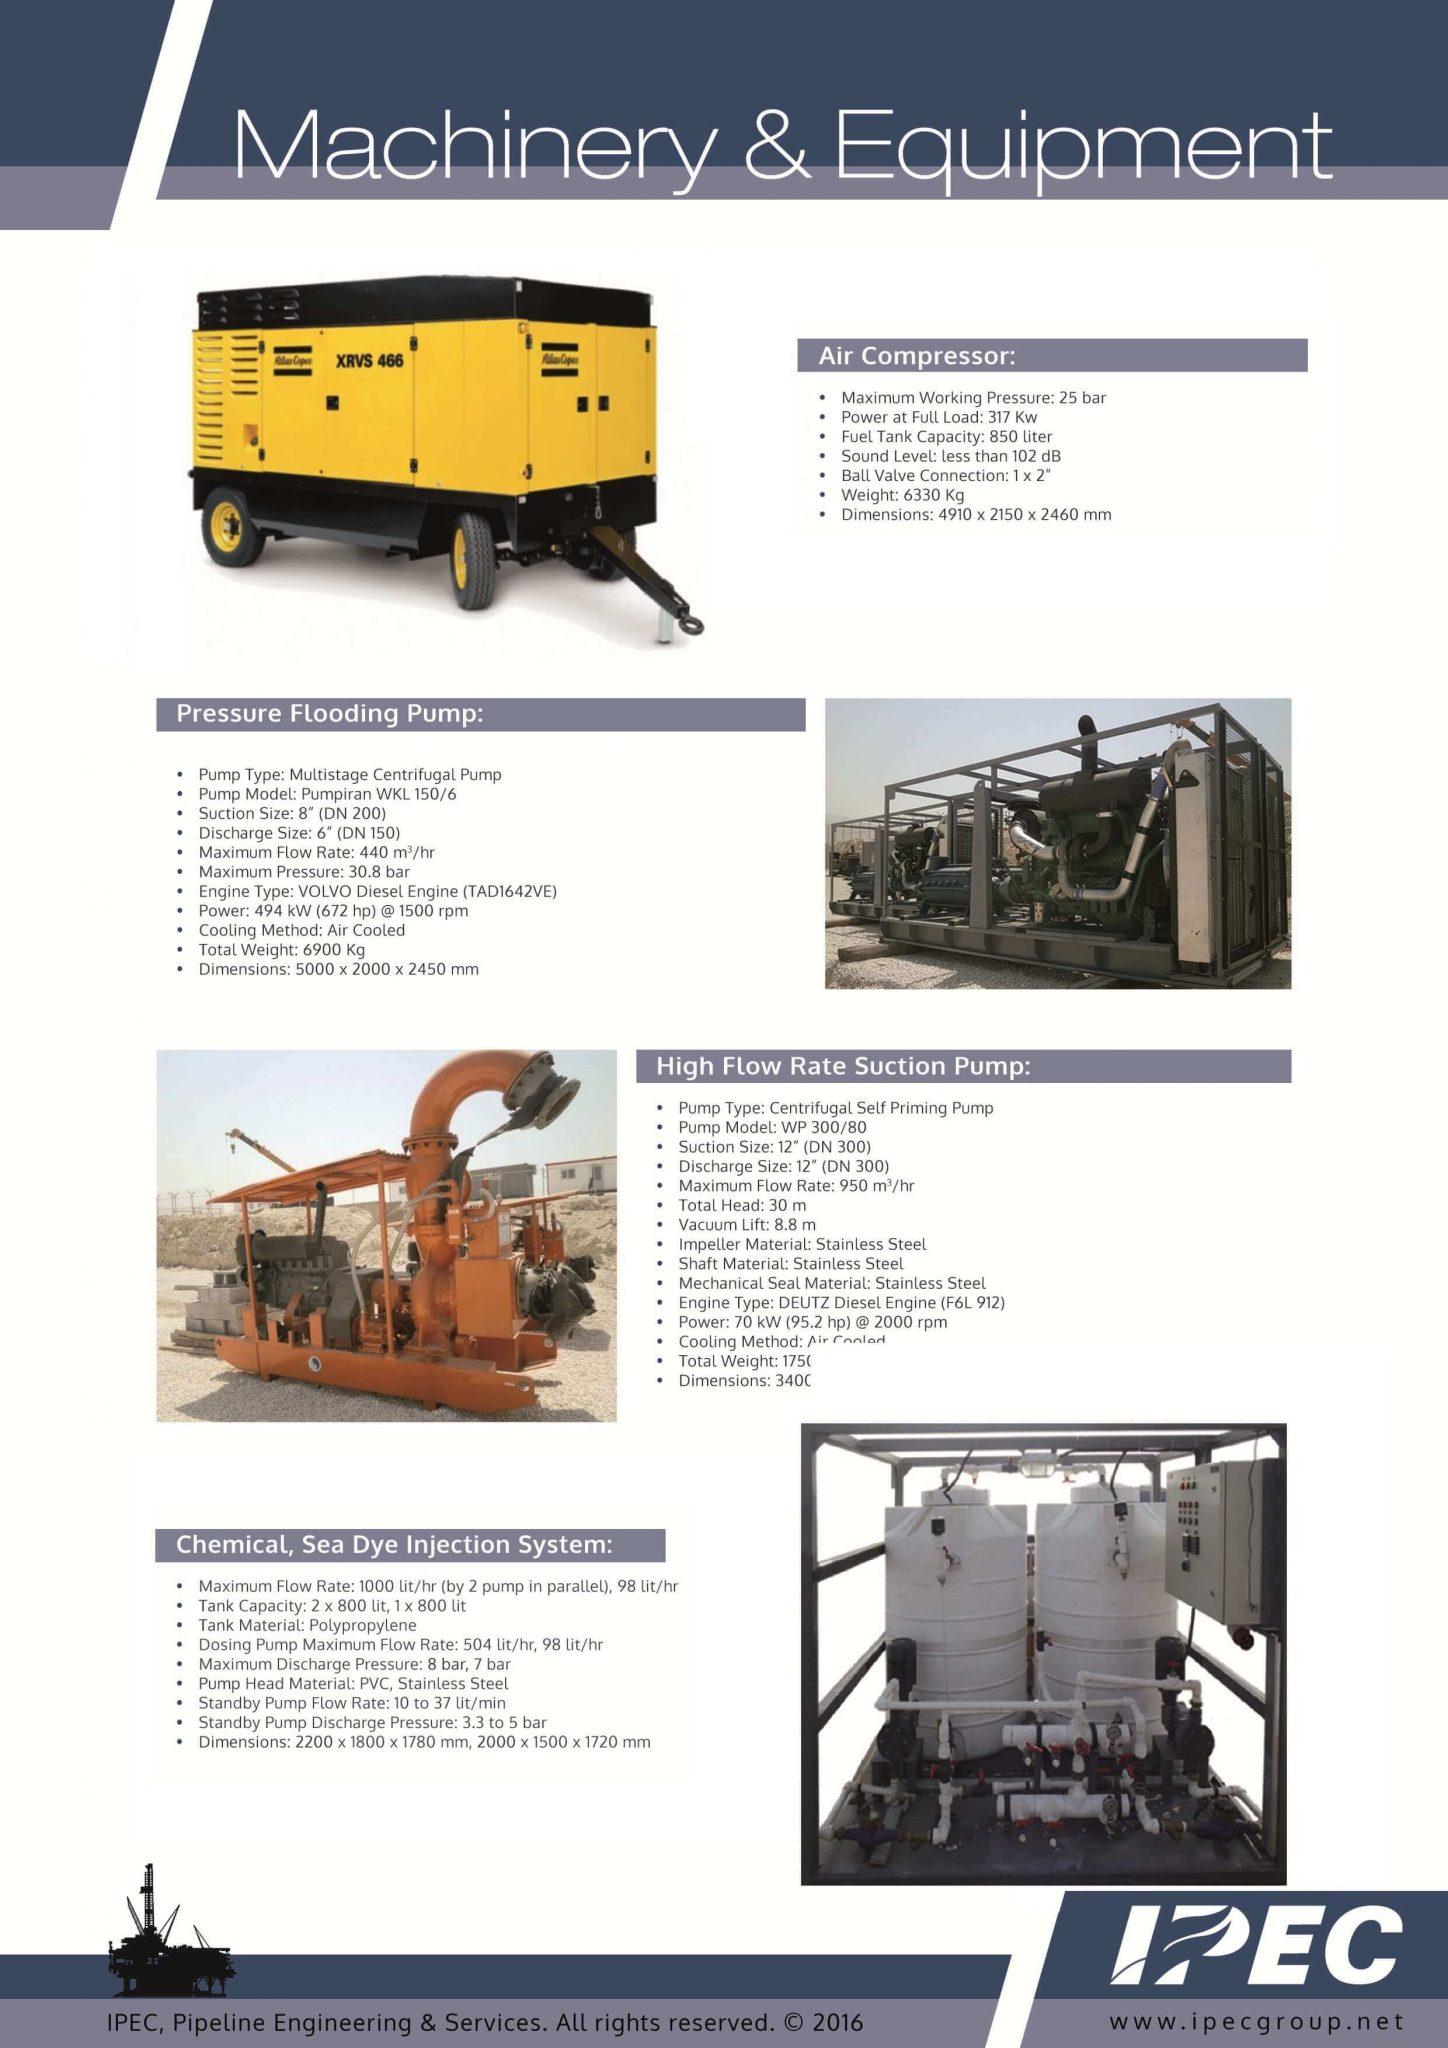 تامین کننده و اجاره تجهیزات نفت، گاز و پتروشیمی تامین کننده و اجاره تجهیزات نفت، گاز و پتروشیمی IPEC EQUIPMENTS